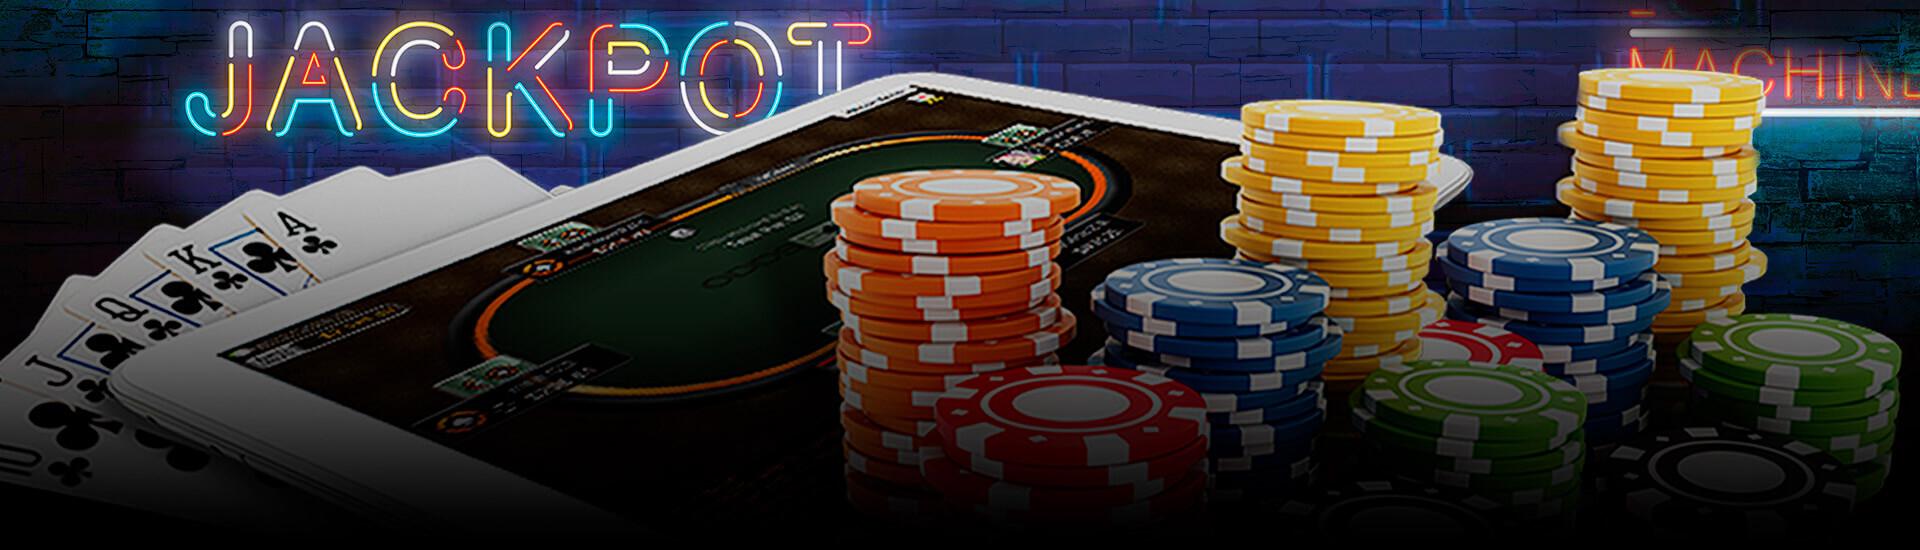 Как выбрать честное казино. Основные параметры